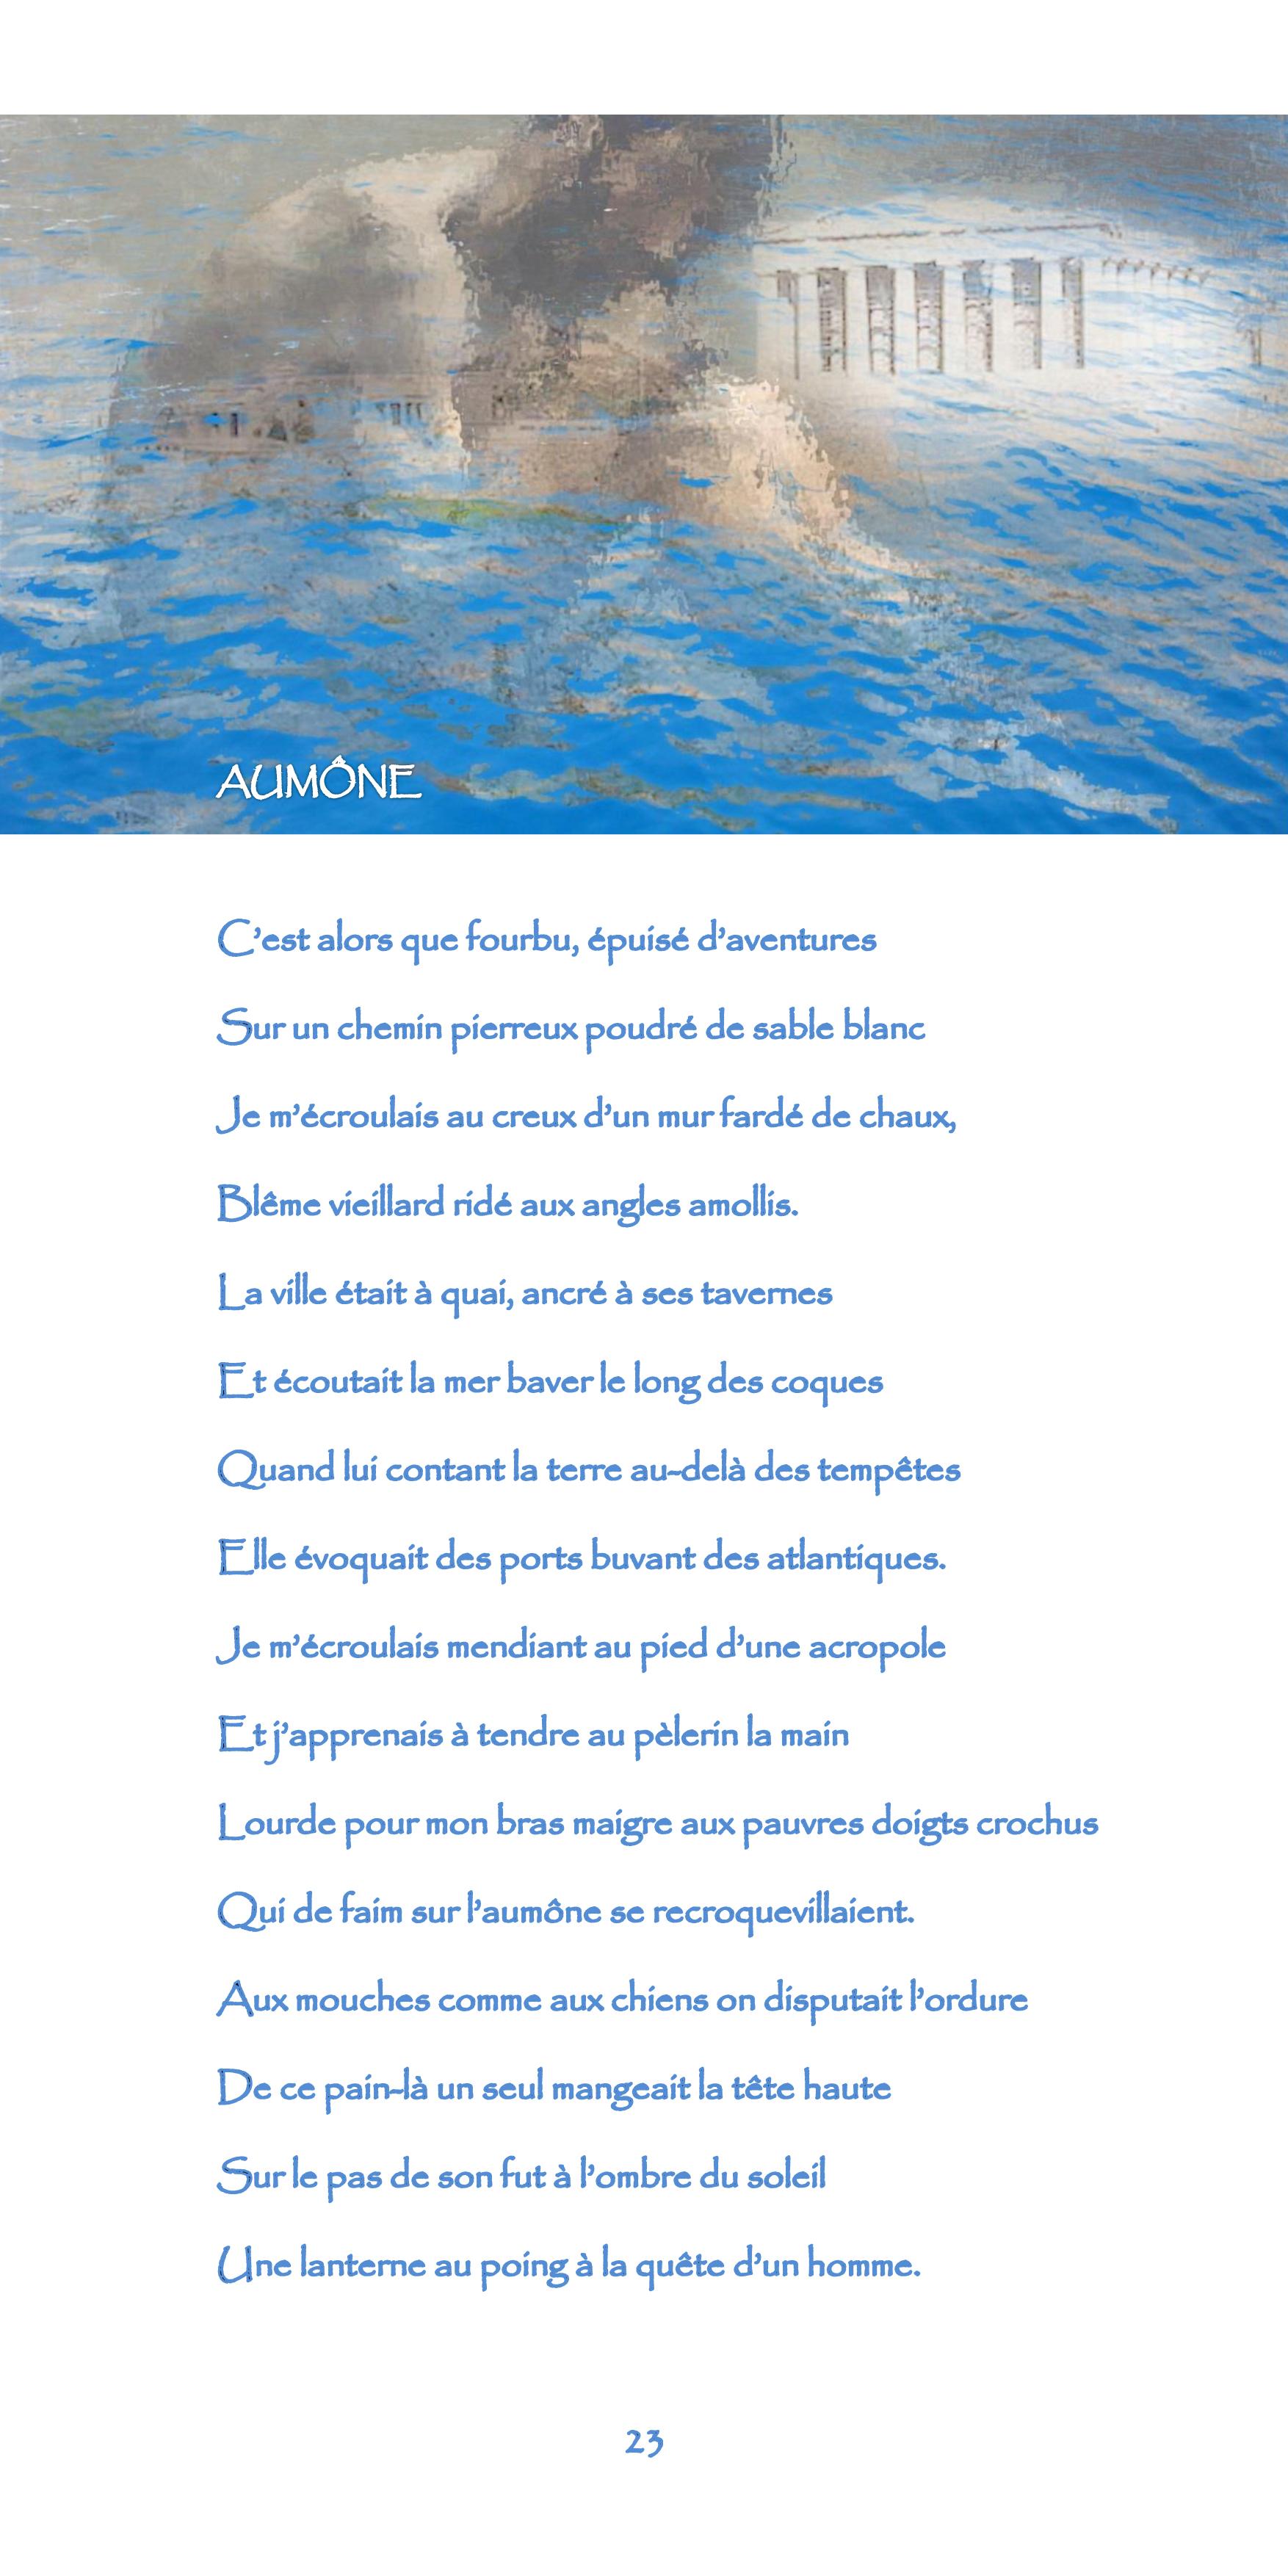 23-nègre_bleu-aumone.jpg